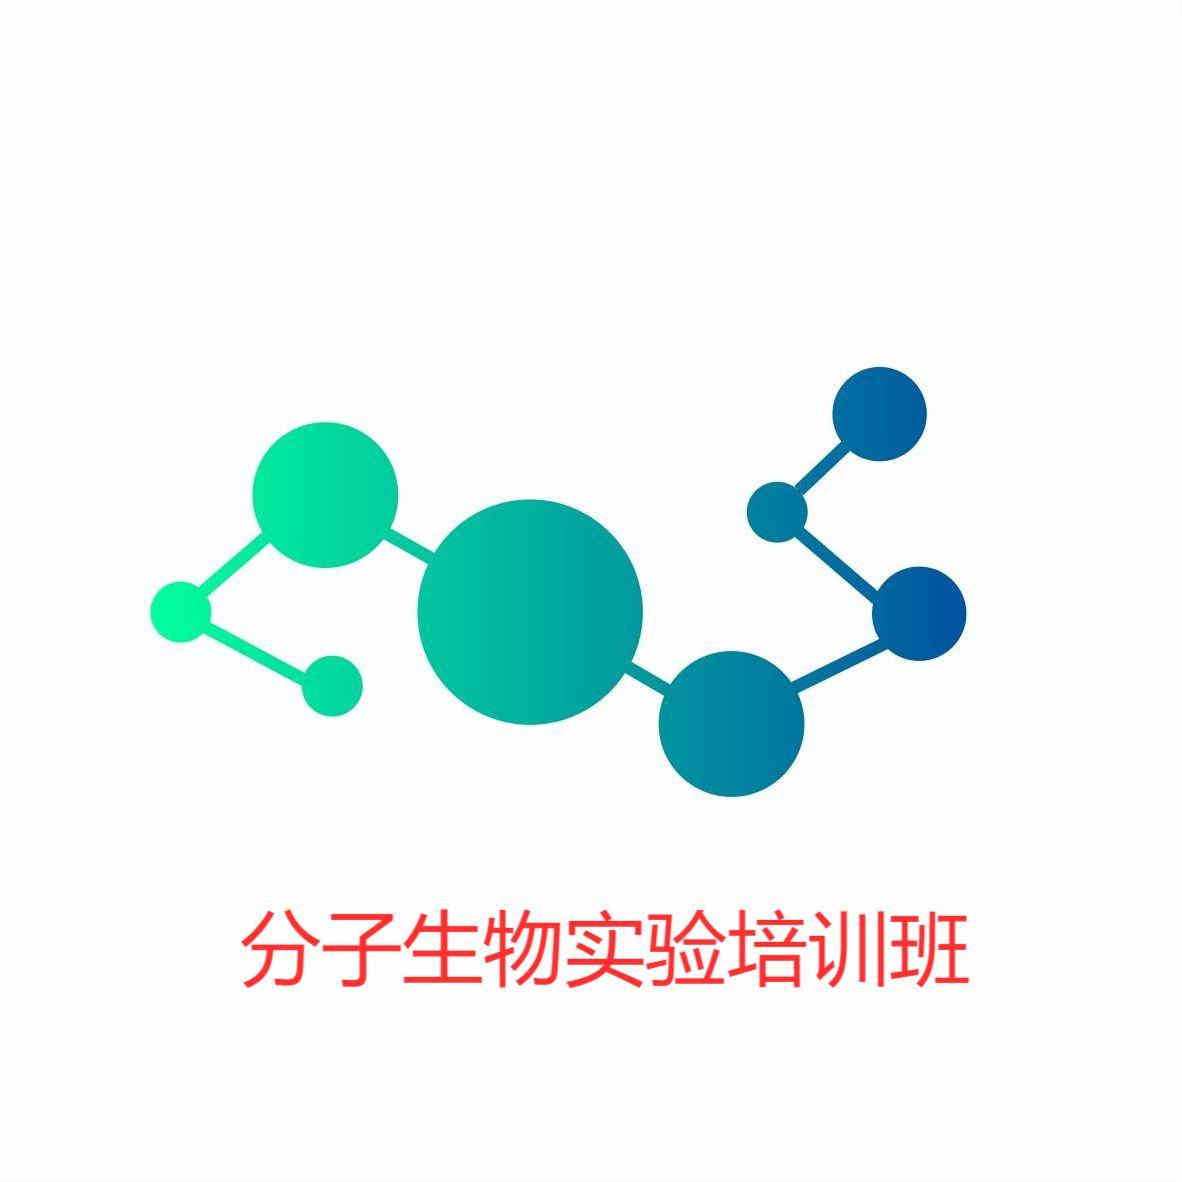 分子生物学实验培训课